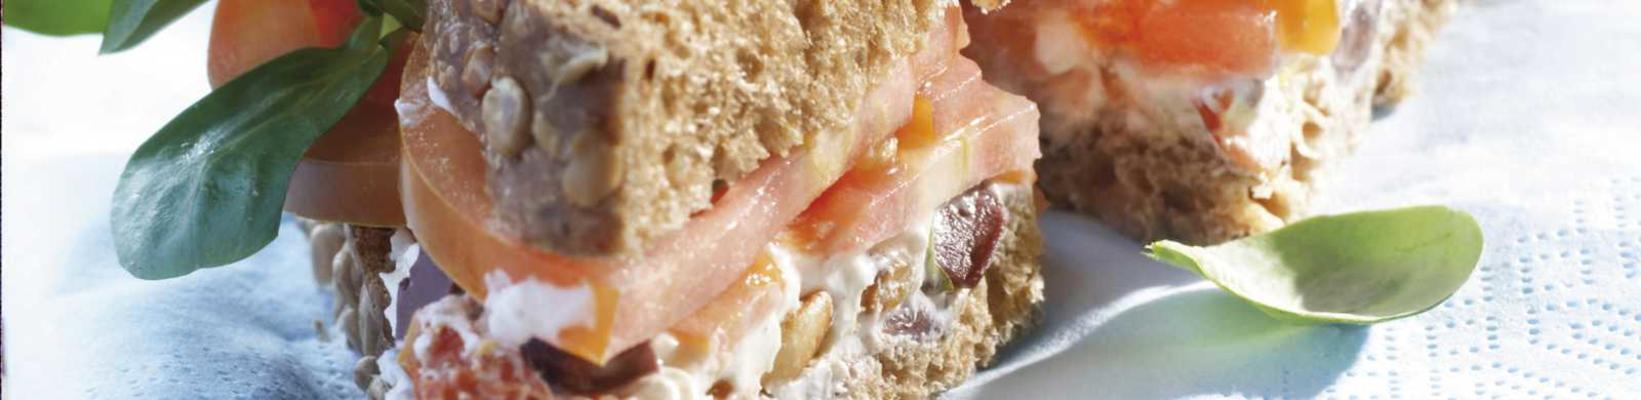 'Vega' sandwiches